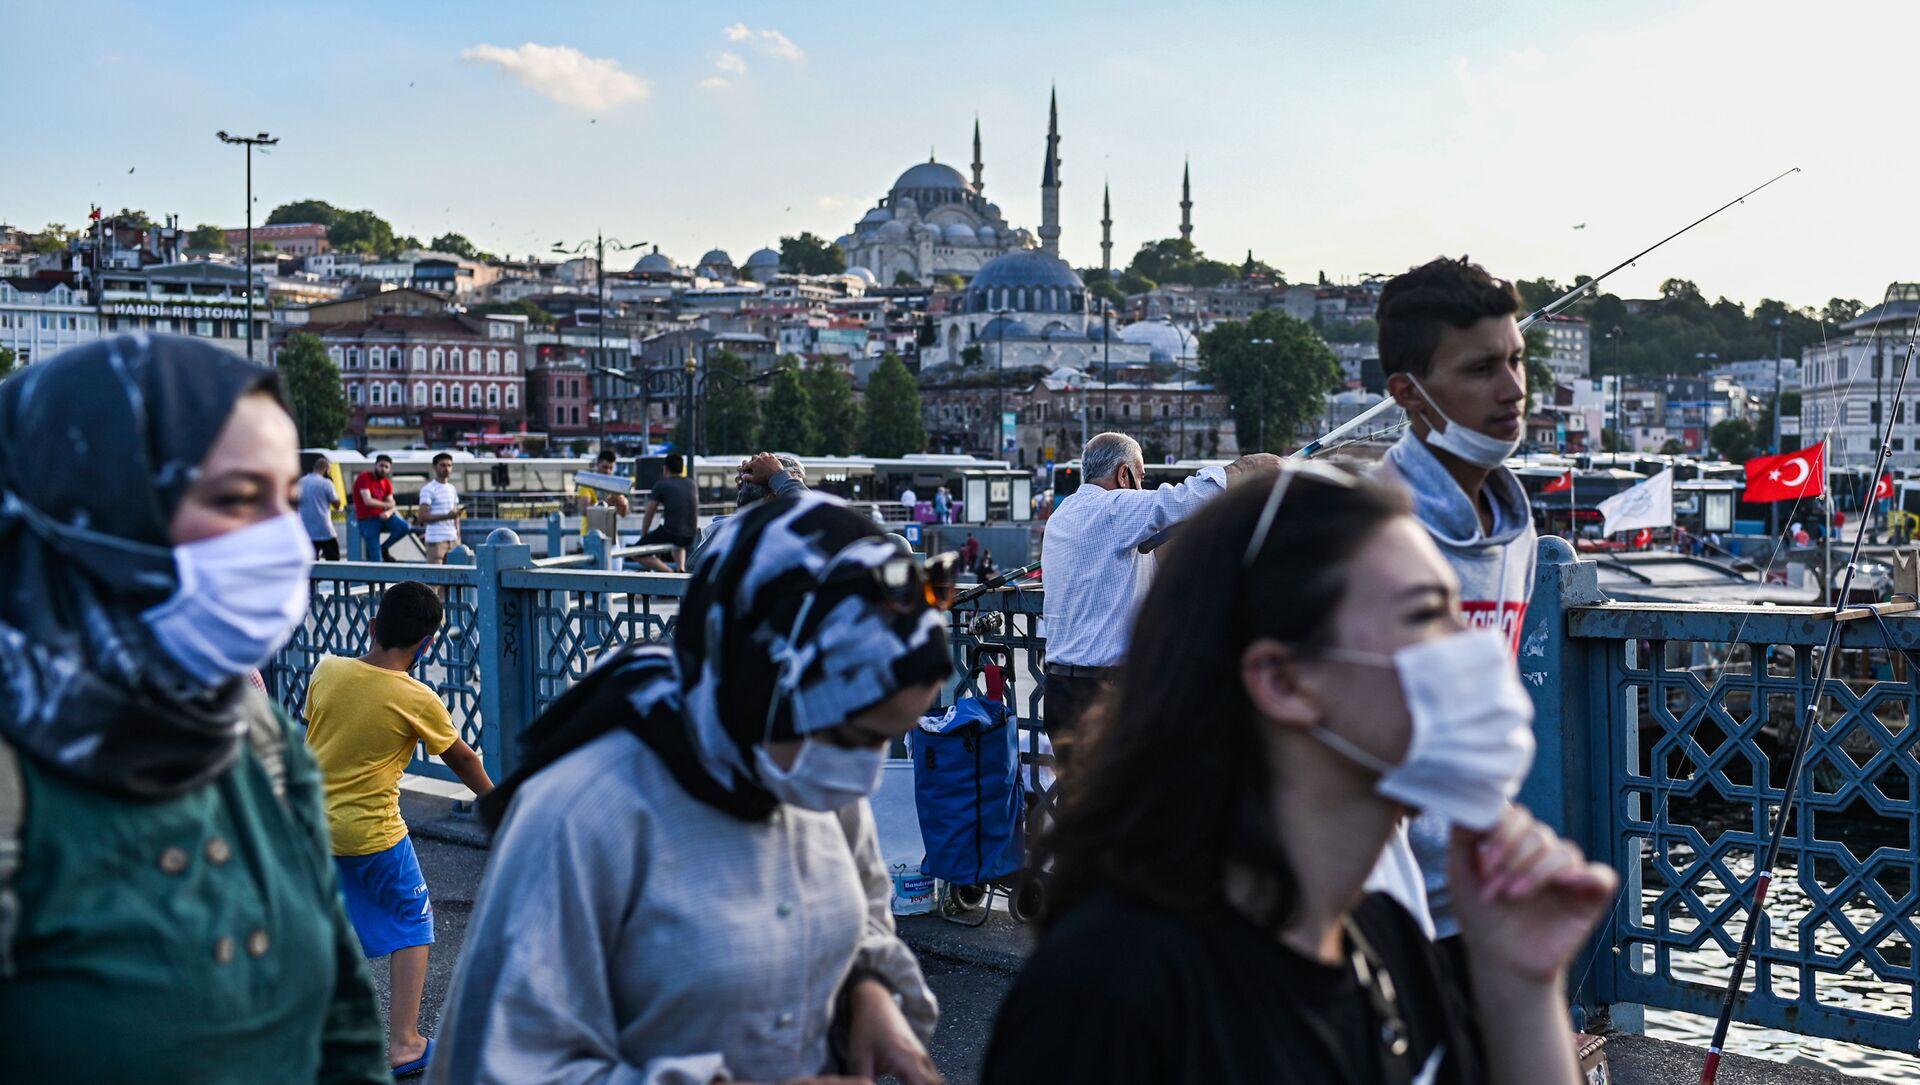 maske - Süleymaniye Camii - Yeni Cami-  İstanbul - koronavirüs - Sputnik Türkiye, 1920, 23.02.2021